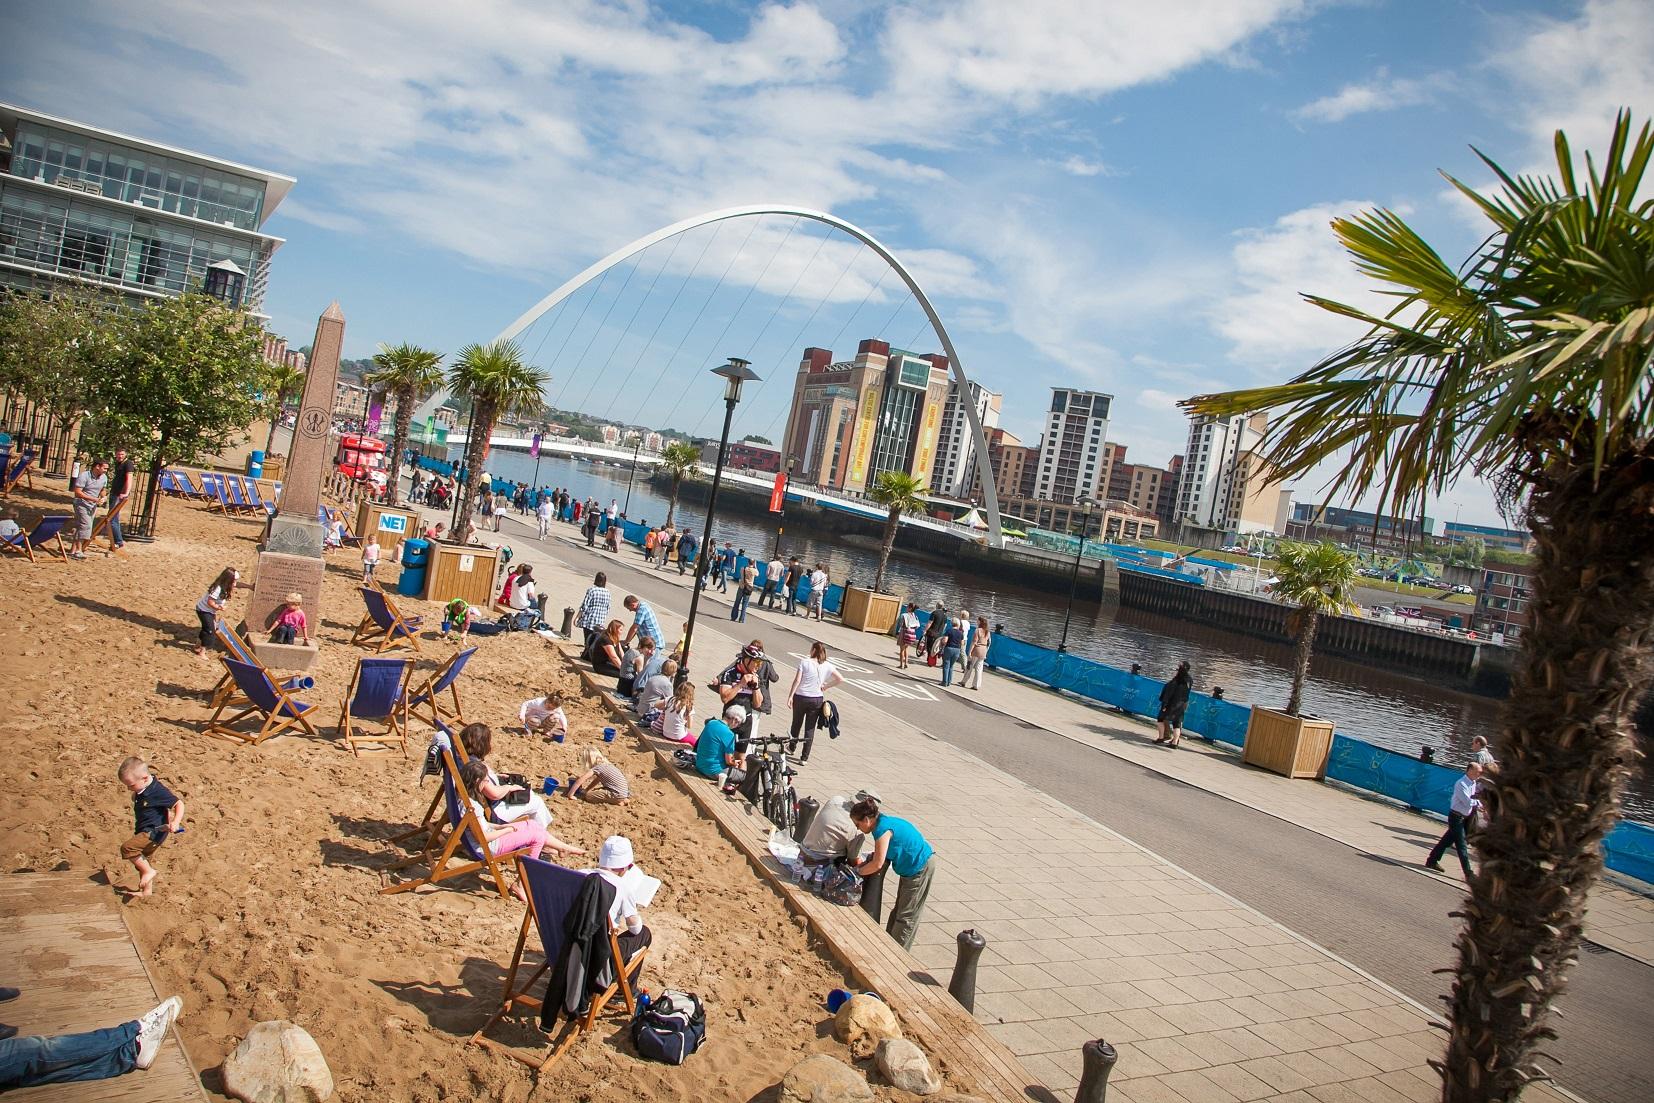 Zomer in Newcastle - het stadsstrand